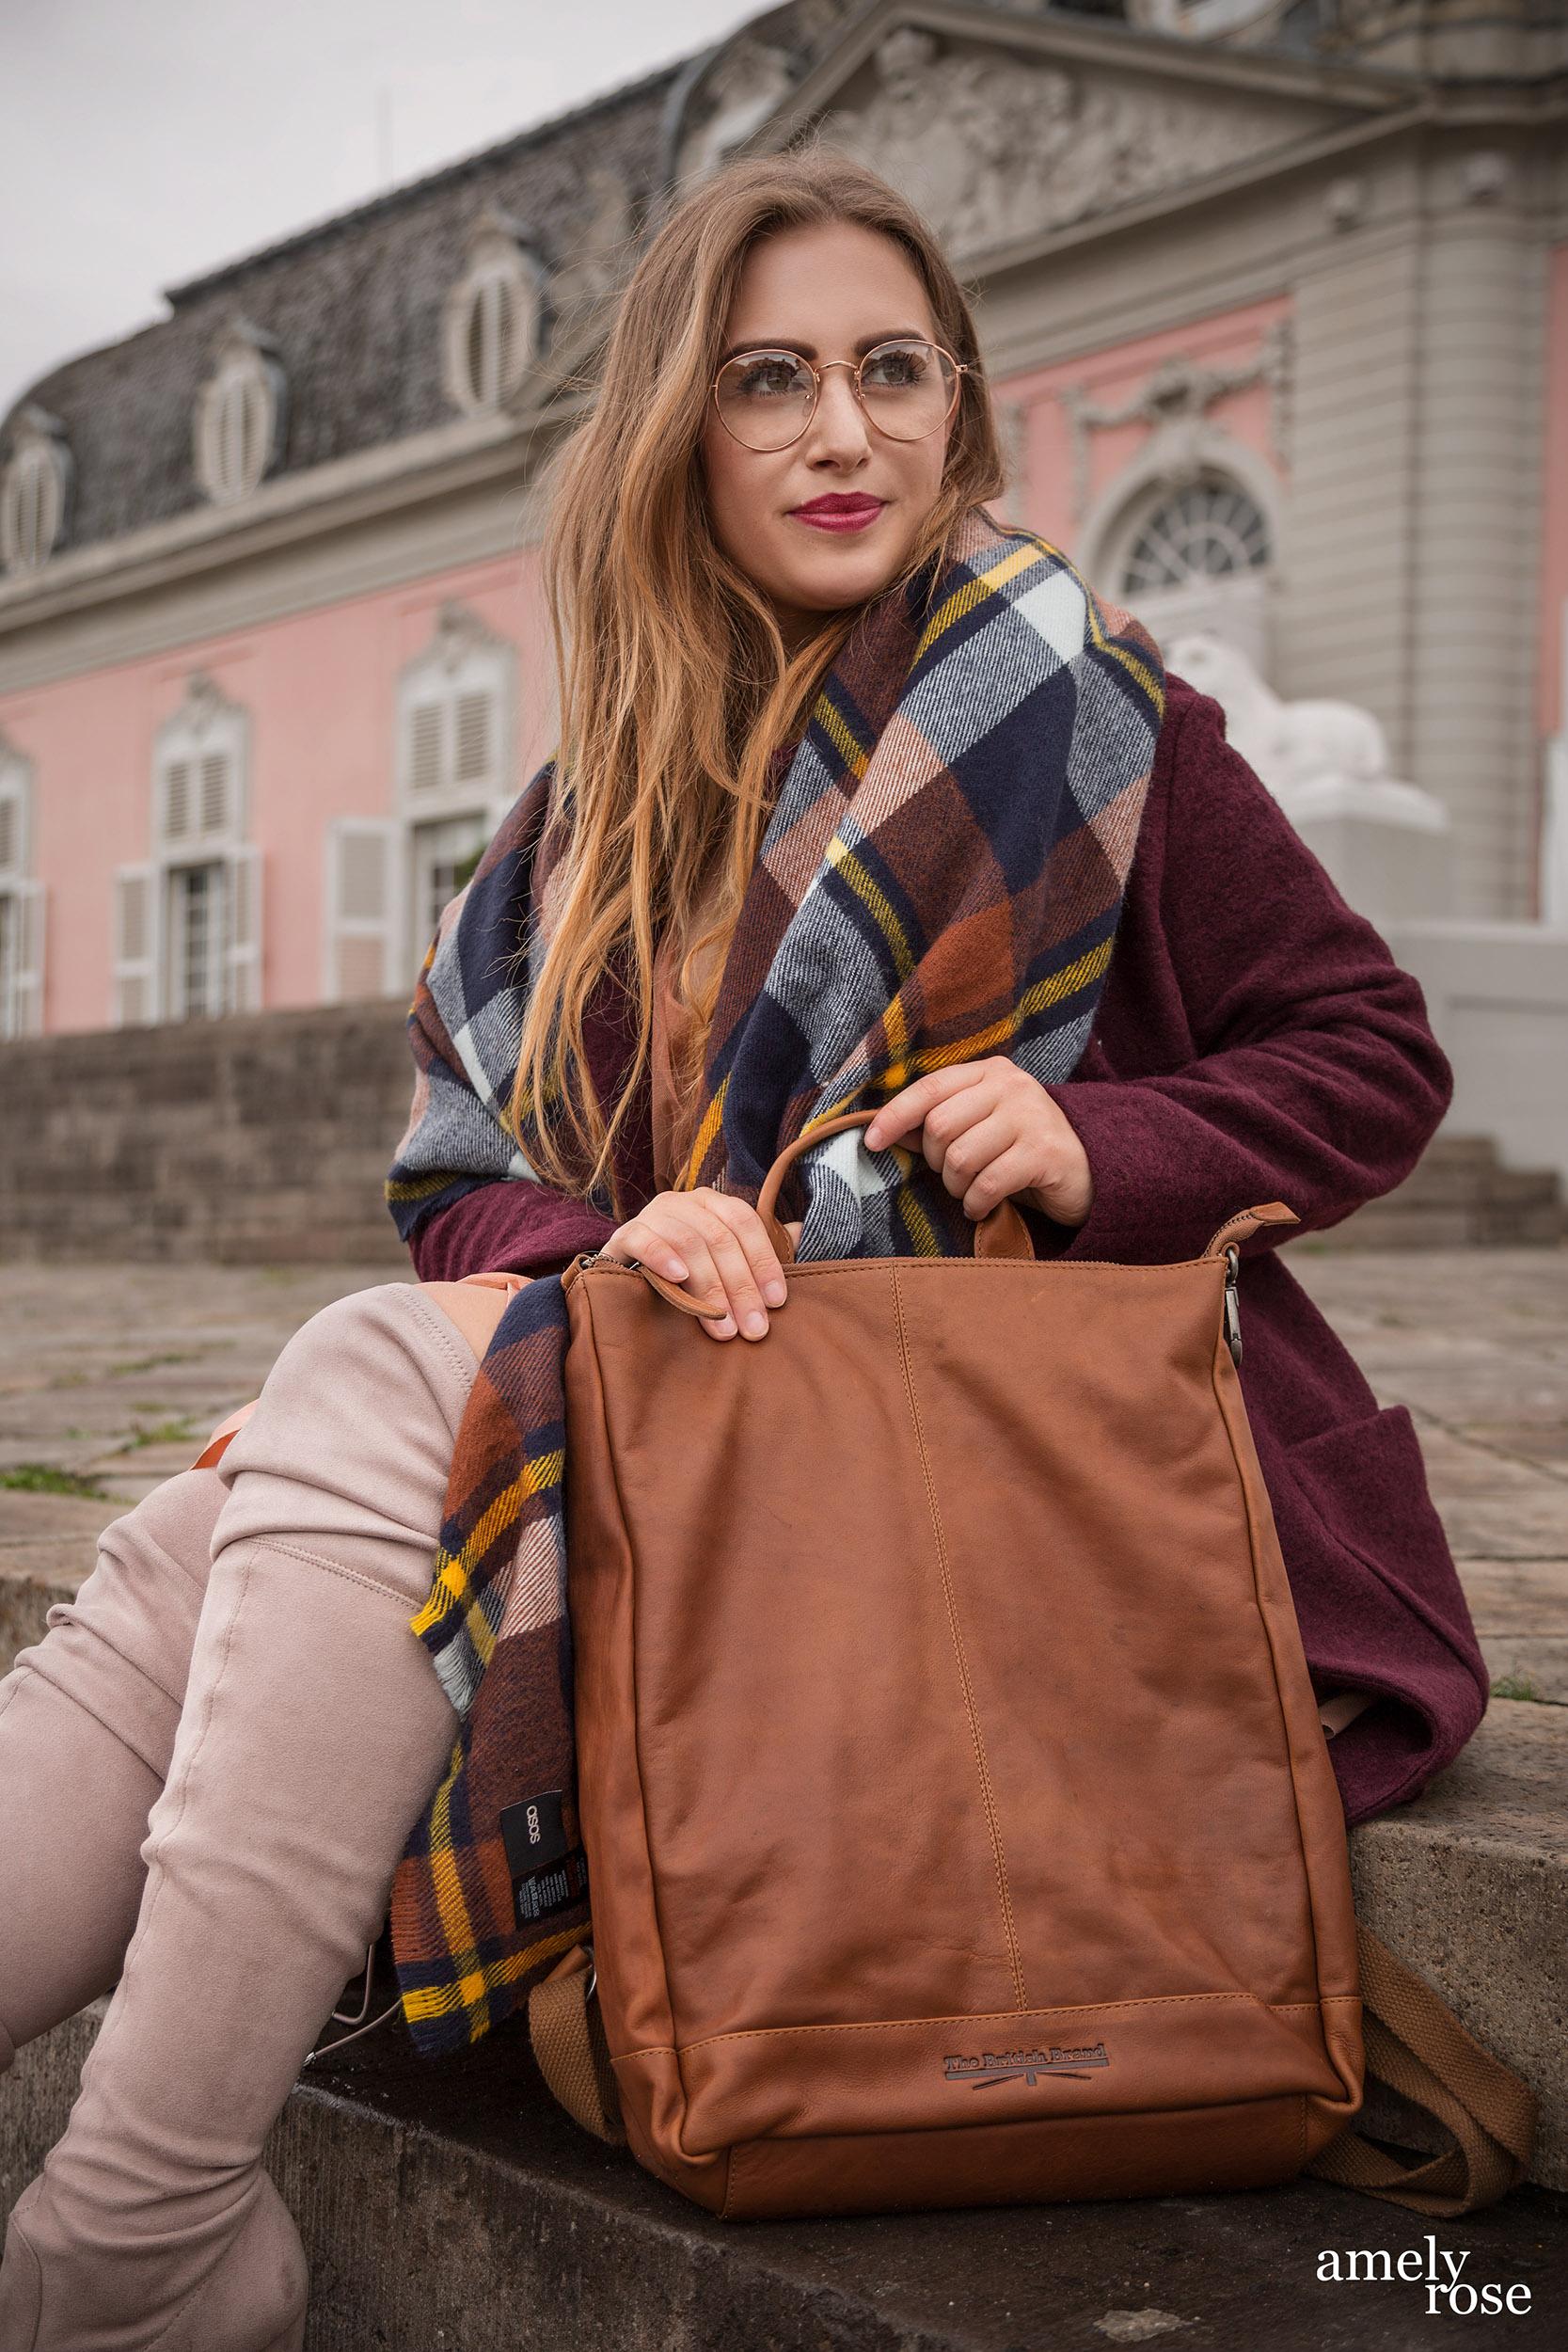 Amely Rose zählt zu den erfolgreisten deutschen fashionblogger. Sie zeigt einen herbstlook mit erdigentönen einem wollmantel von H&M, sowie einem Zara Kleid, Overkneeboots und einem oversize Schal. Dazu ein schöner lederrucksack kombiniert.